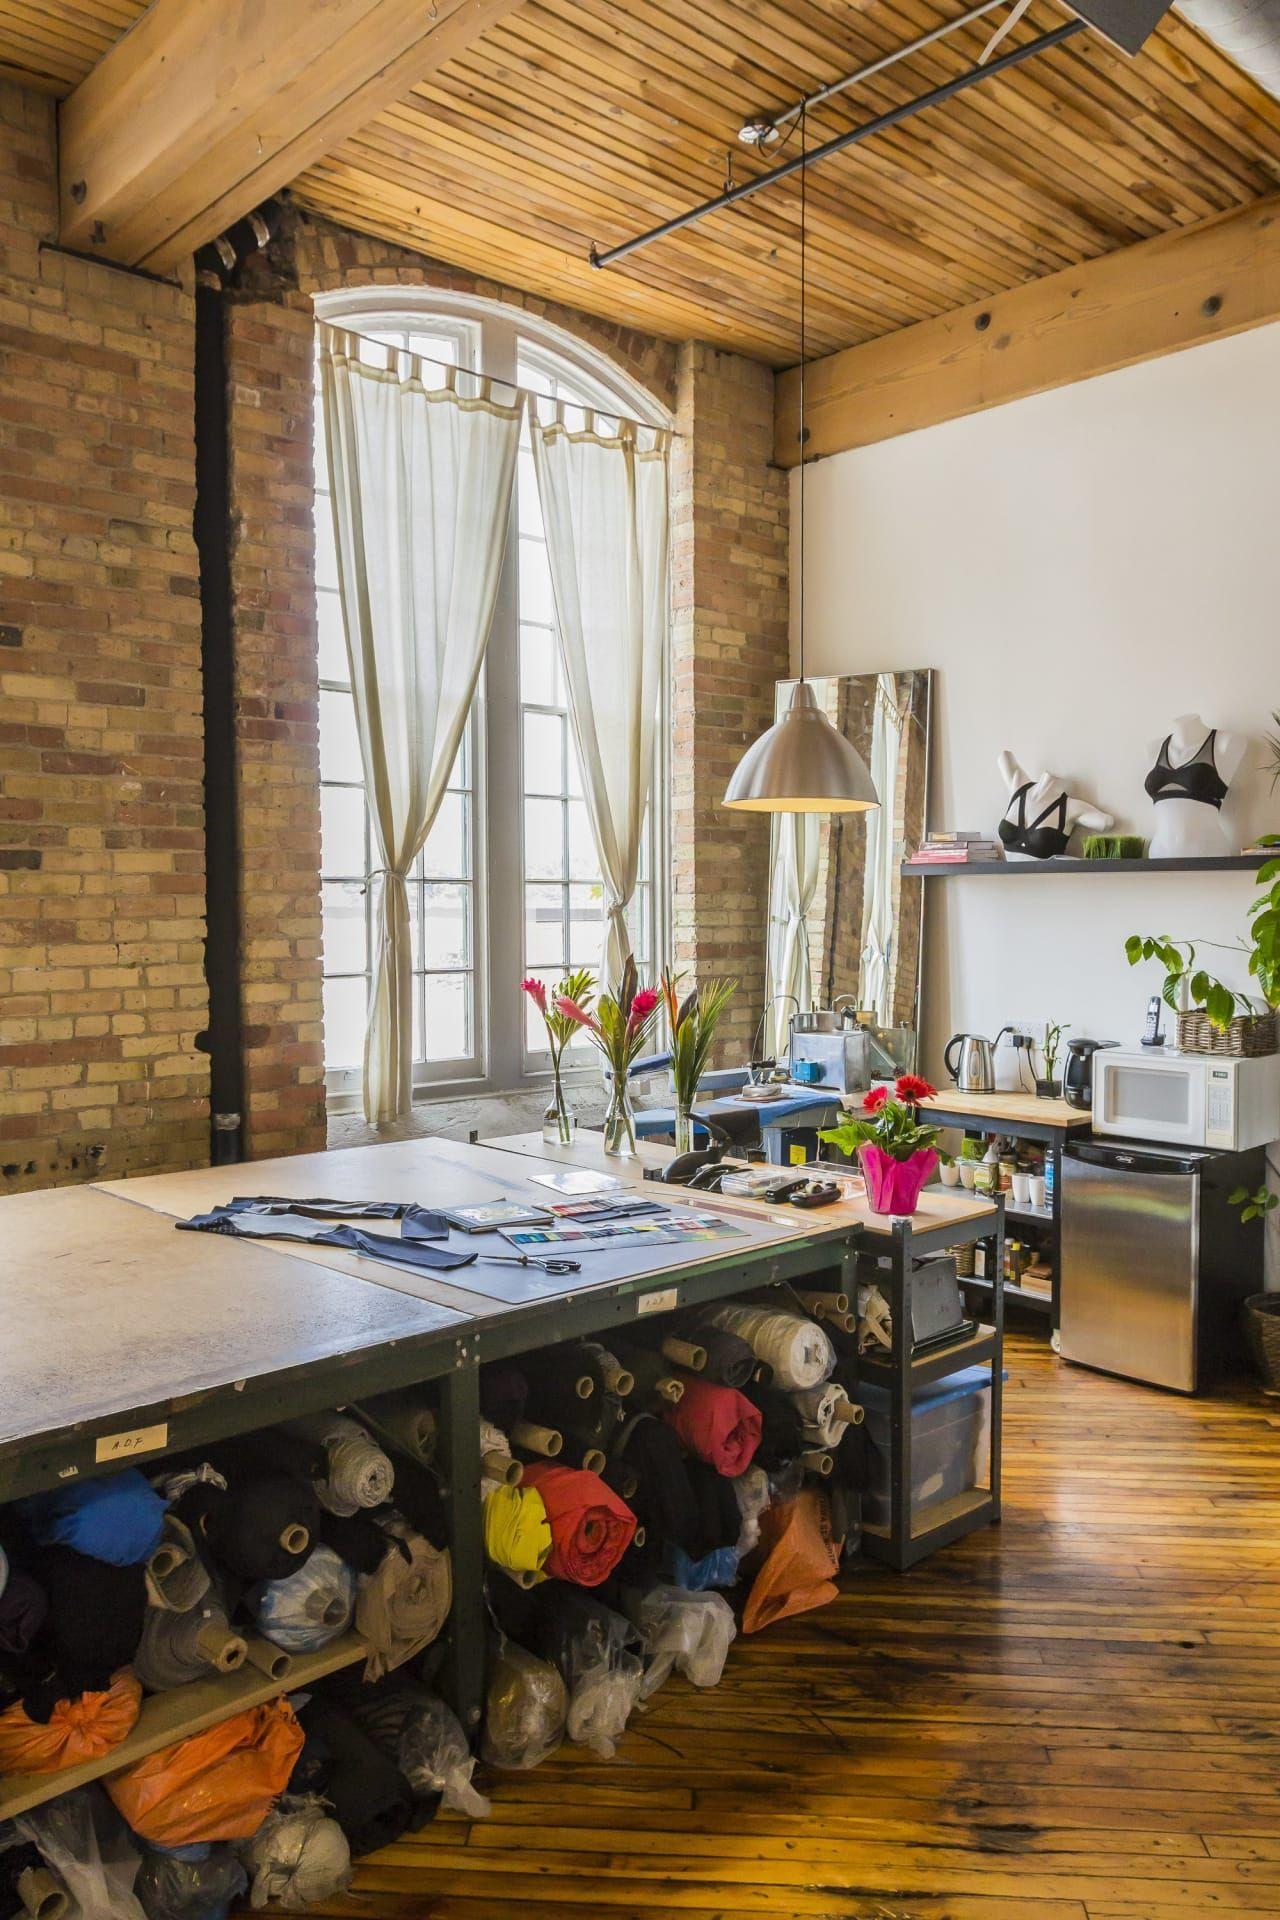 MICHI's Sassy Fashion Studio   Design studio workspace, Sewing studio, Workspace design